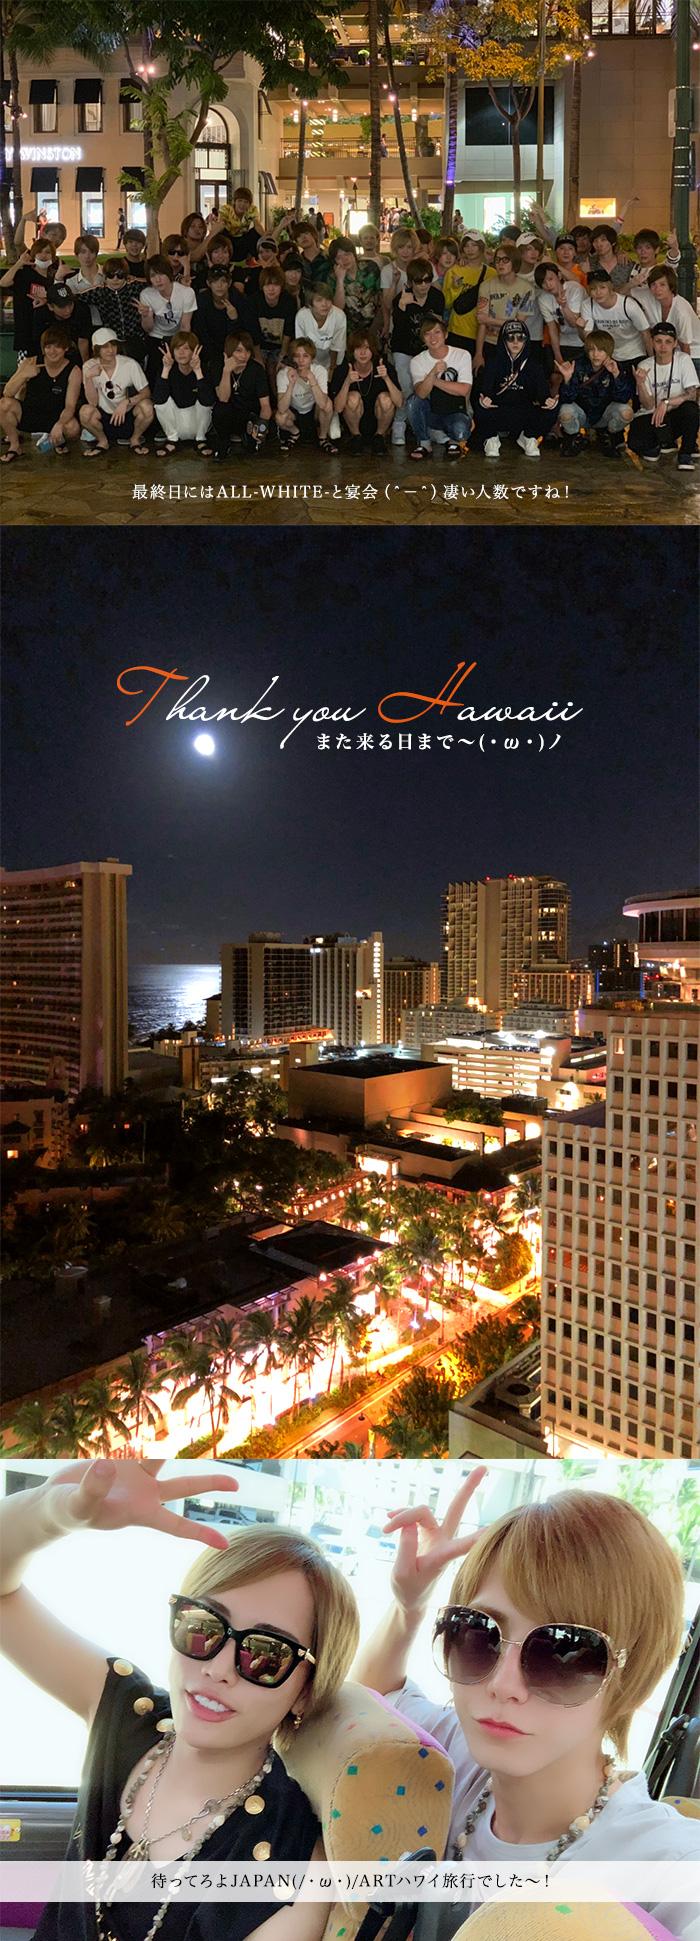 待ってろよJAPAN(/・ω・)/ARTハワイ旅行でした~!